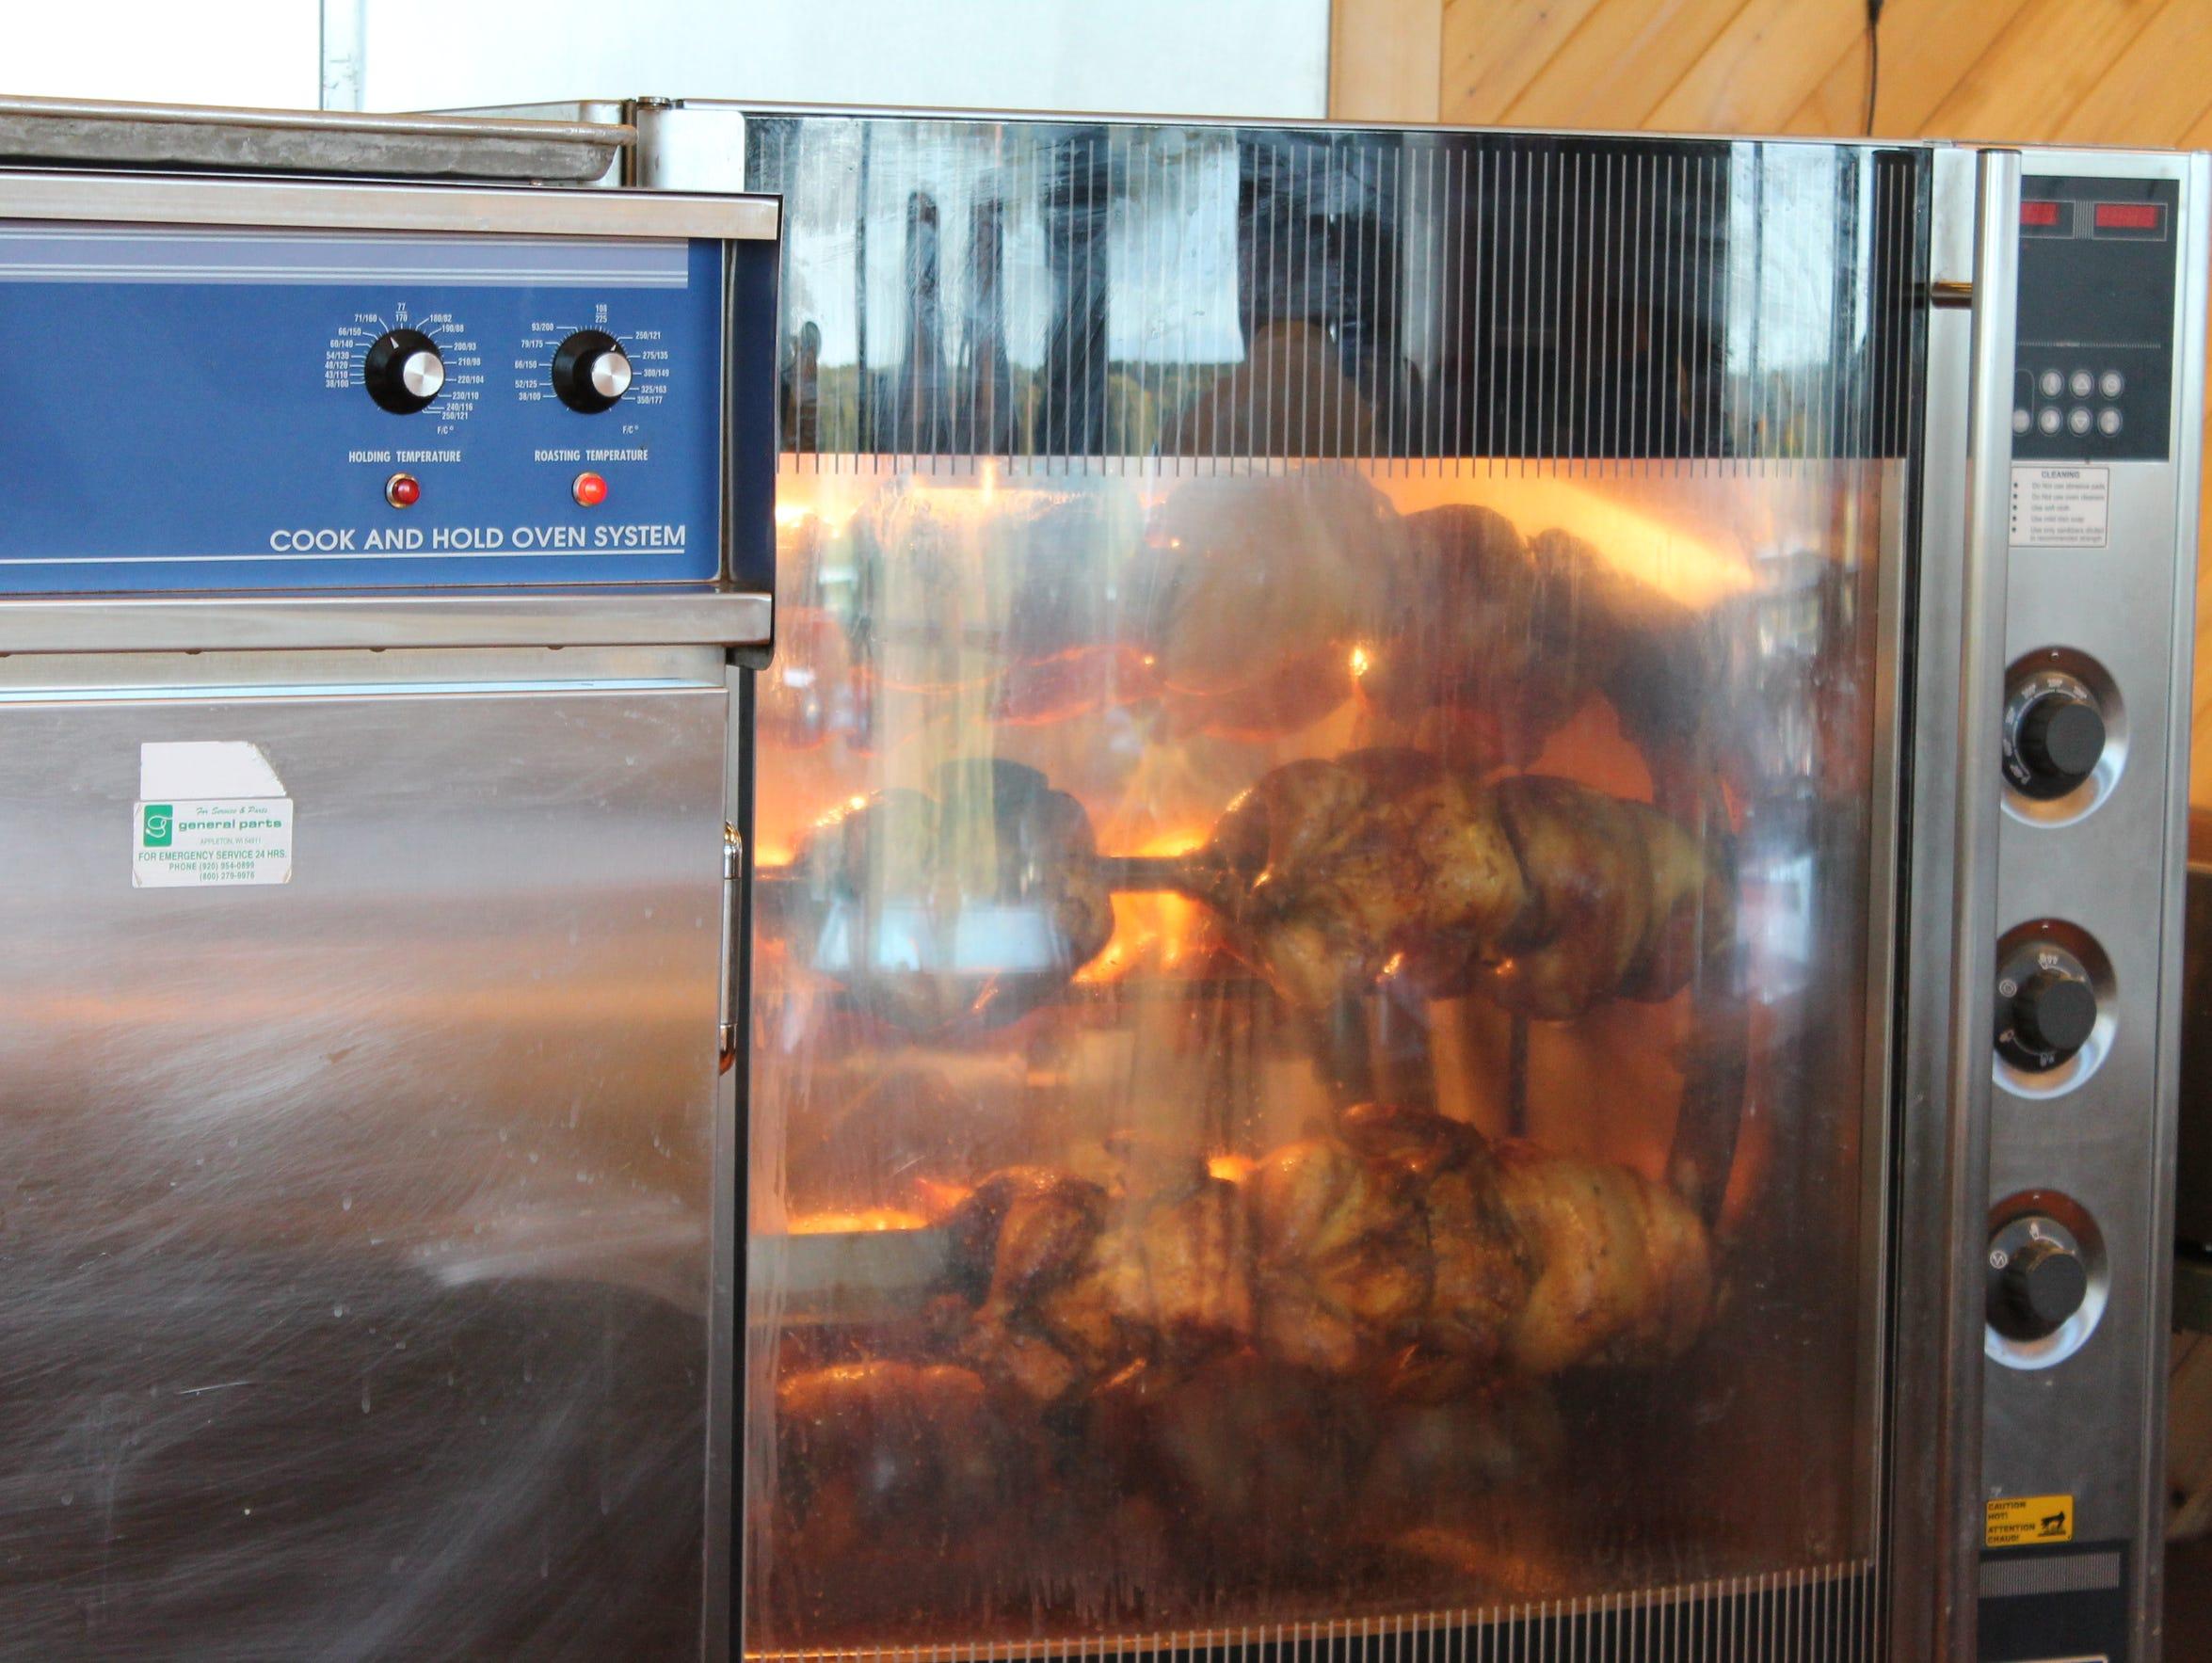 Sunday chicken dinner in progress at Lambeau Field.